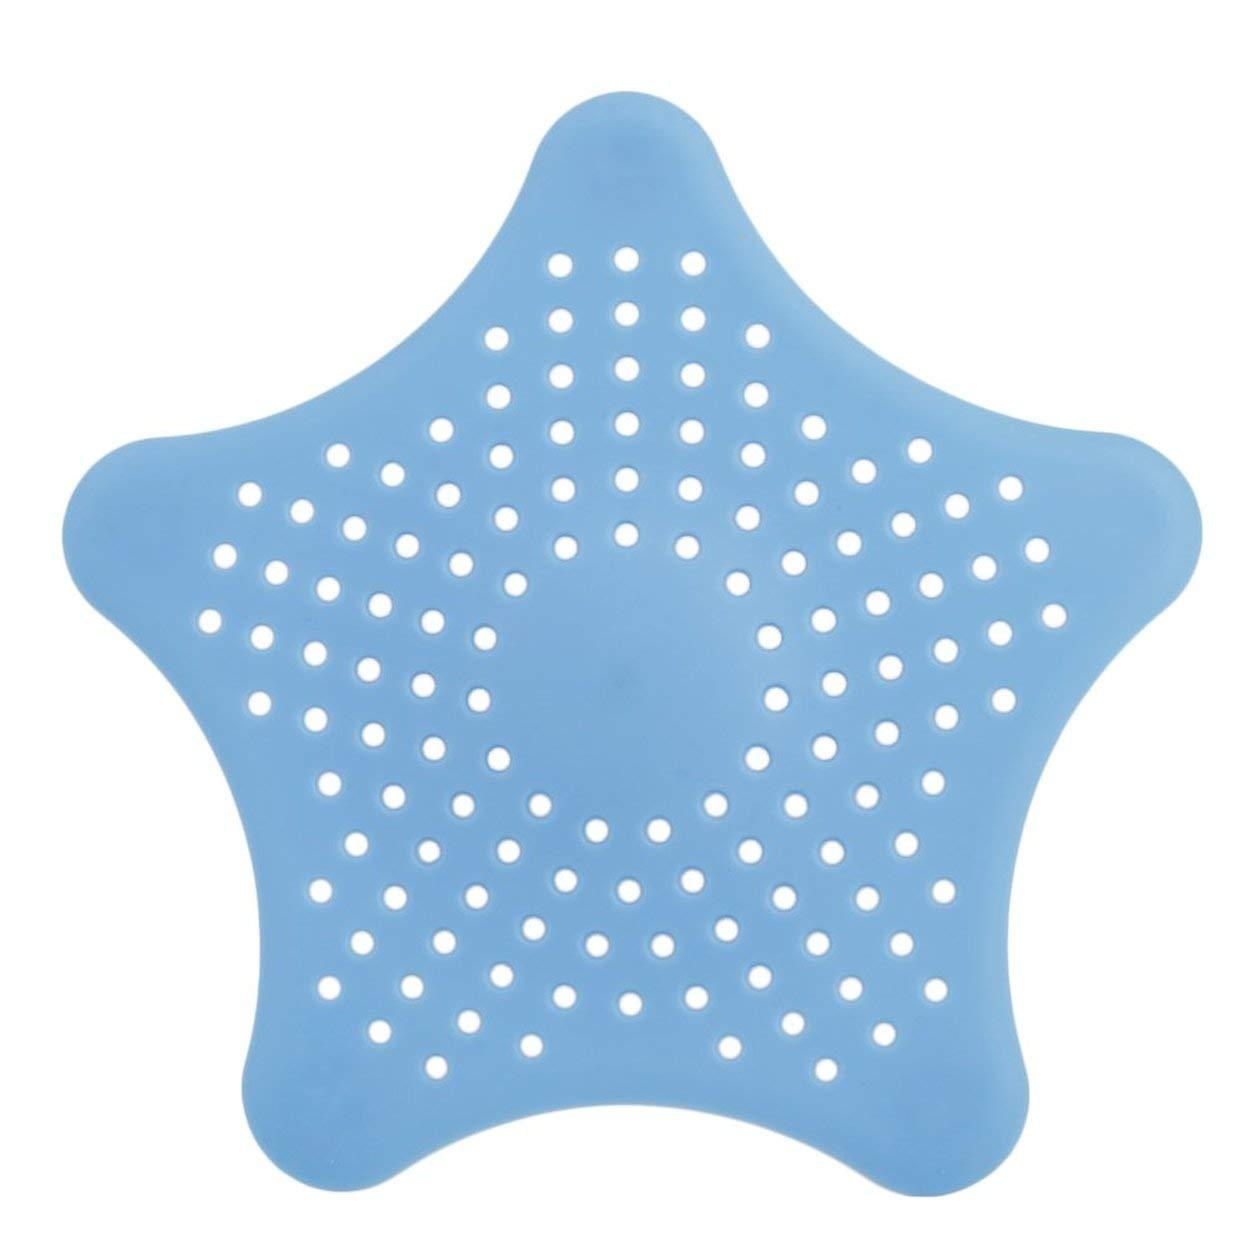 BIYI Forma de estrella Pl/ástico Cocina Menta Plan Ba/ño Ducha Cubierta de desag/üe Fregadero de desechos Colador Filtro de cabello Colector Gadgets de la casa Cesta Azul